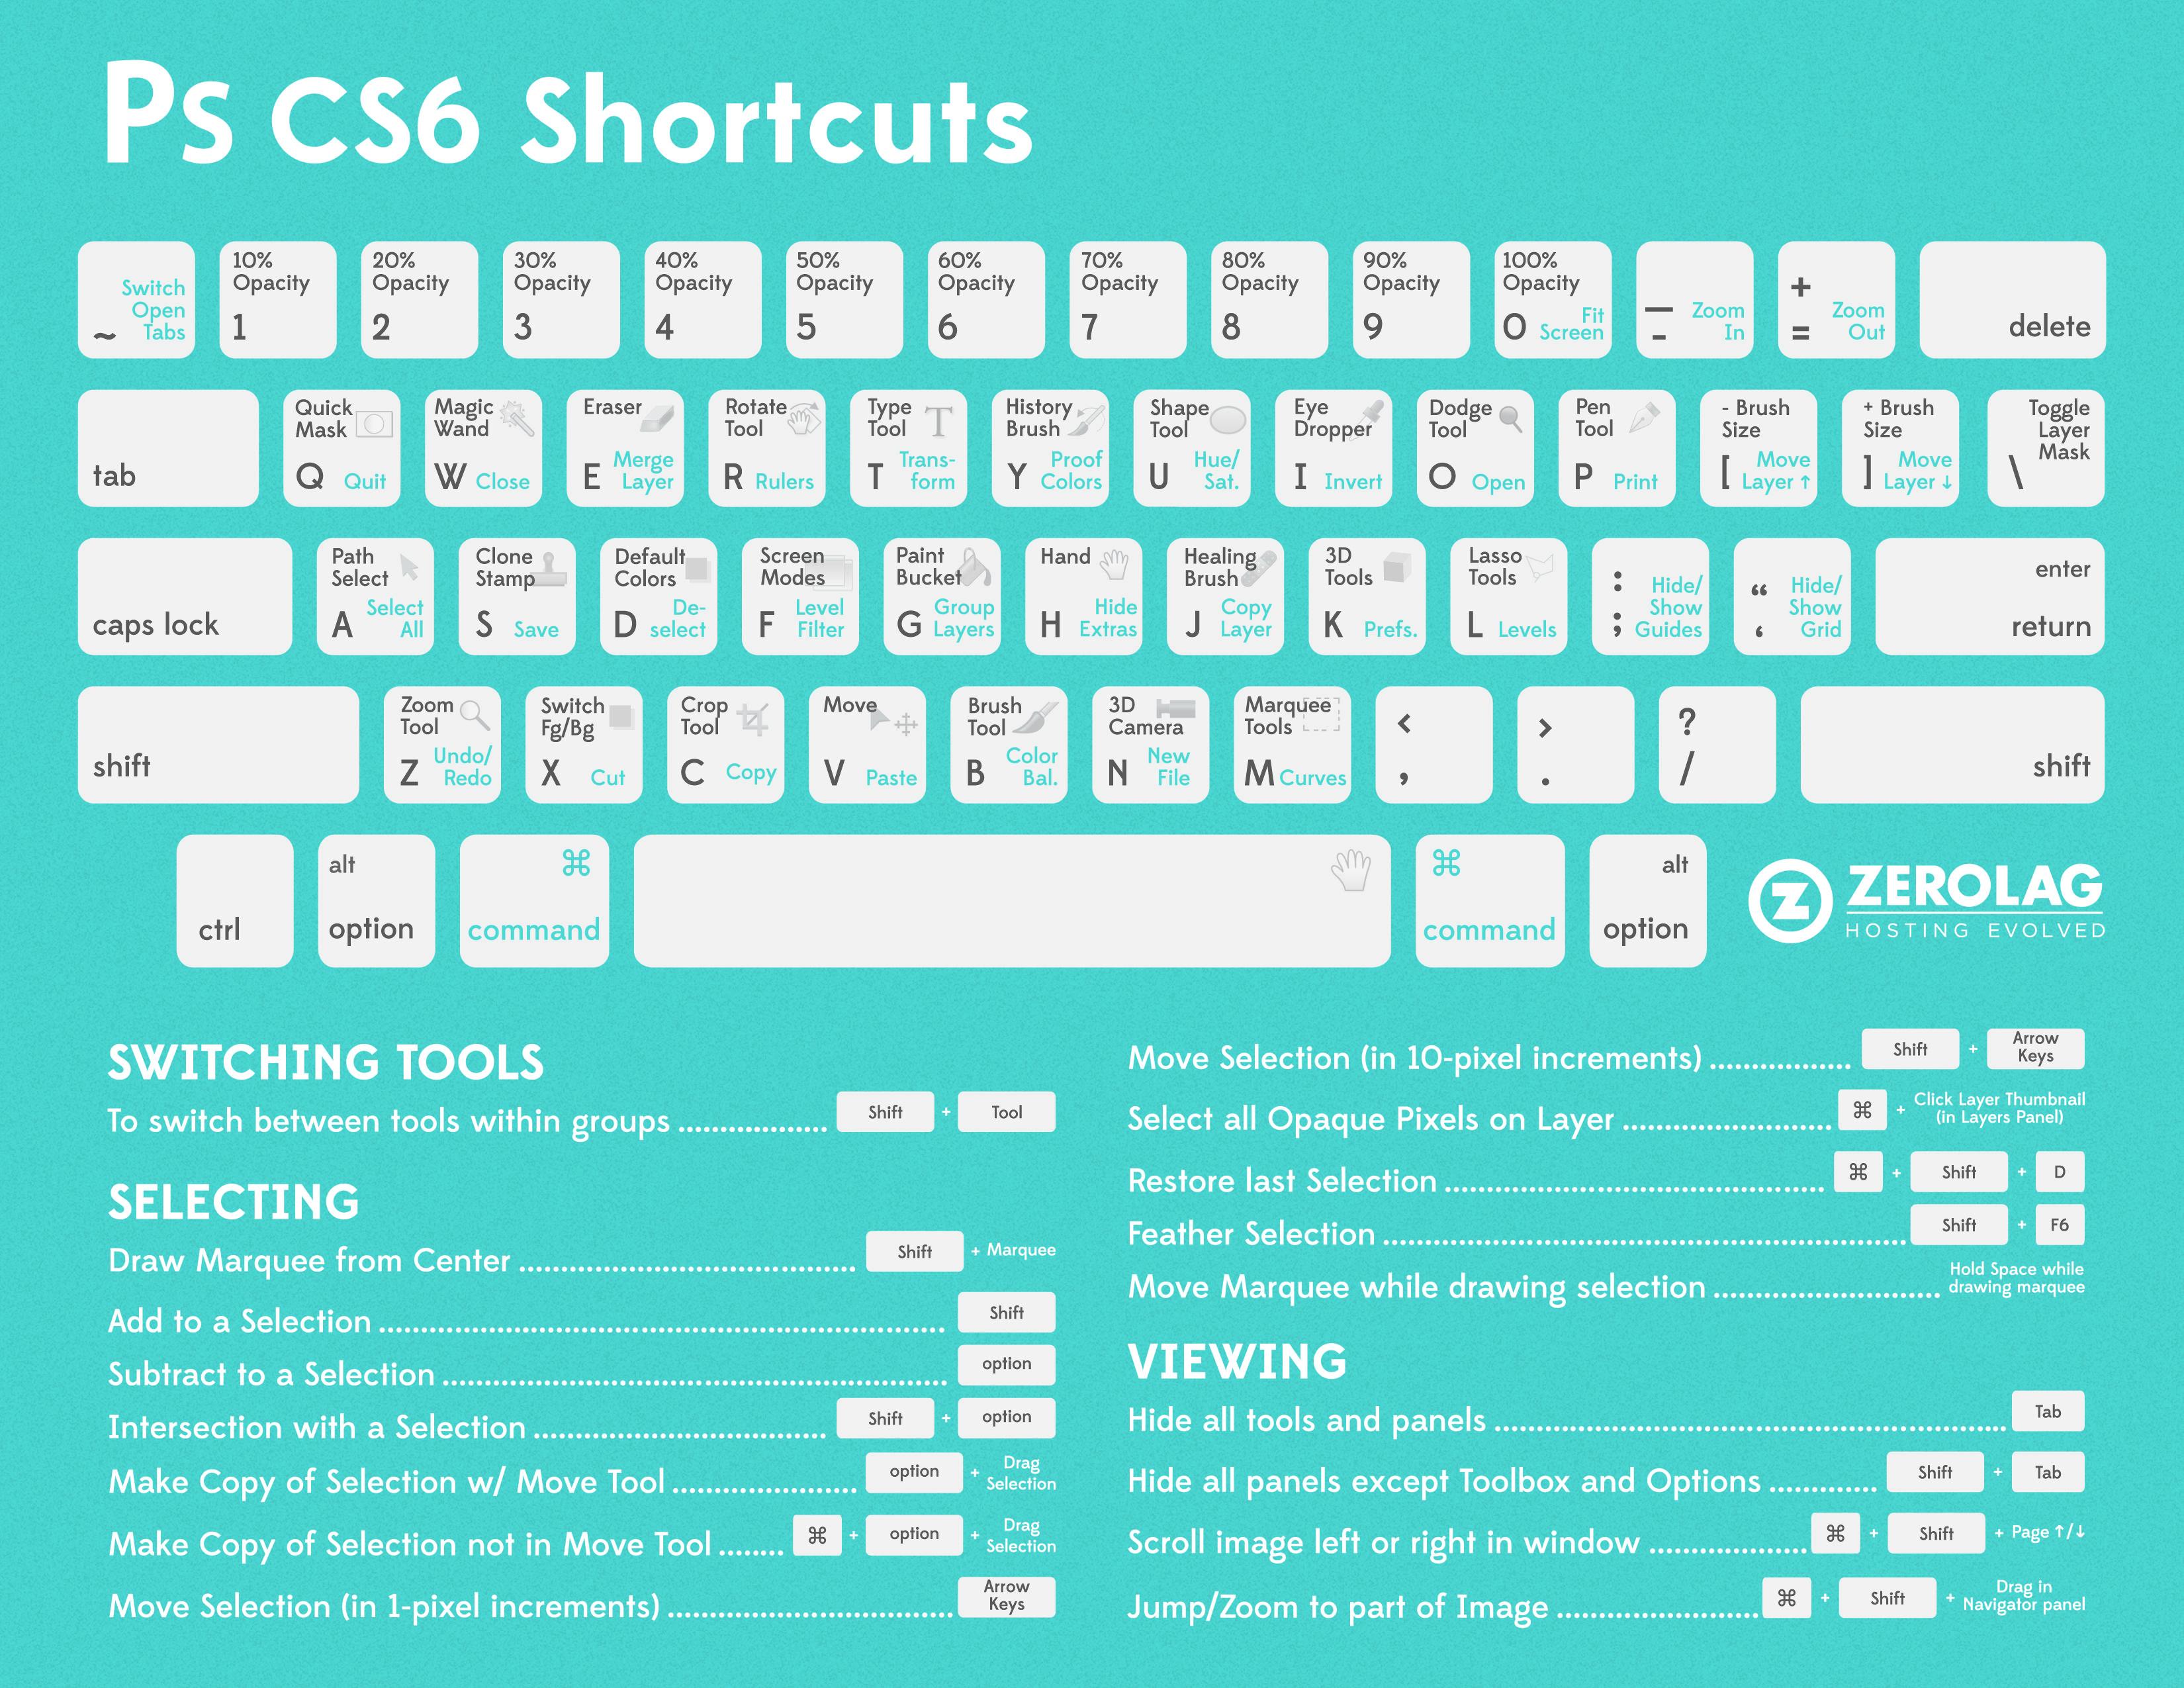 photoshop cc shortcut keys pdf download